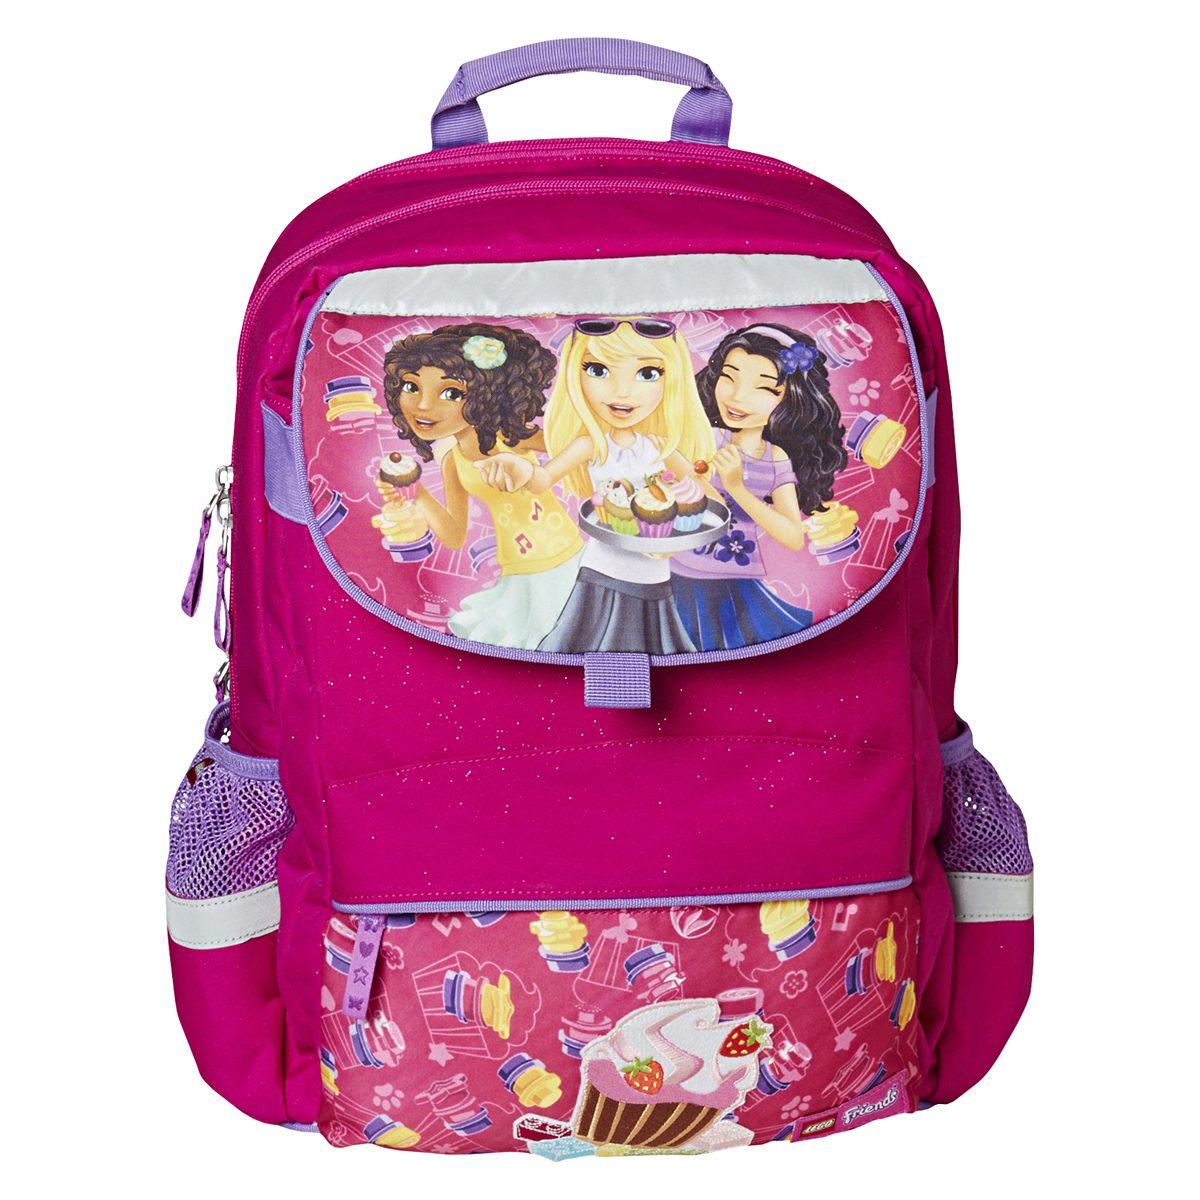 Ghiozdan Pentru Şcoală, Starter Plus, Friends Cupcake, Core Line, Roz, Lego, LG-20022-1711